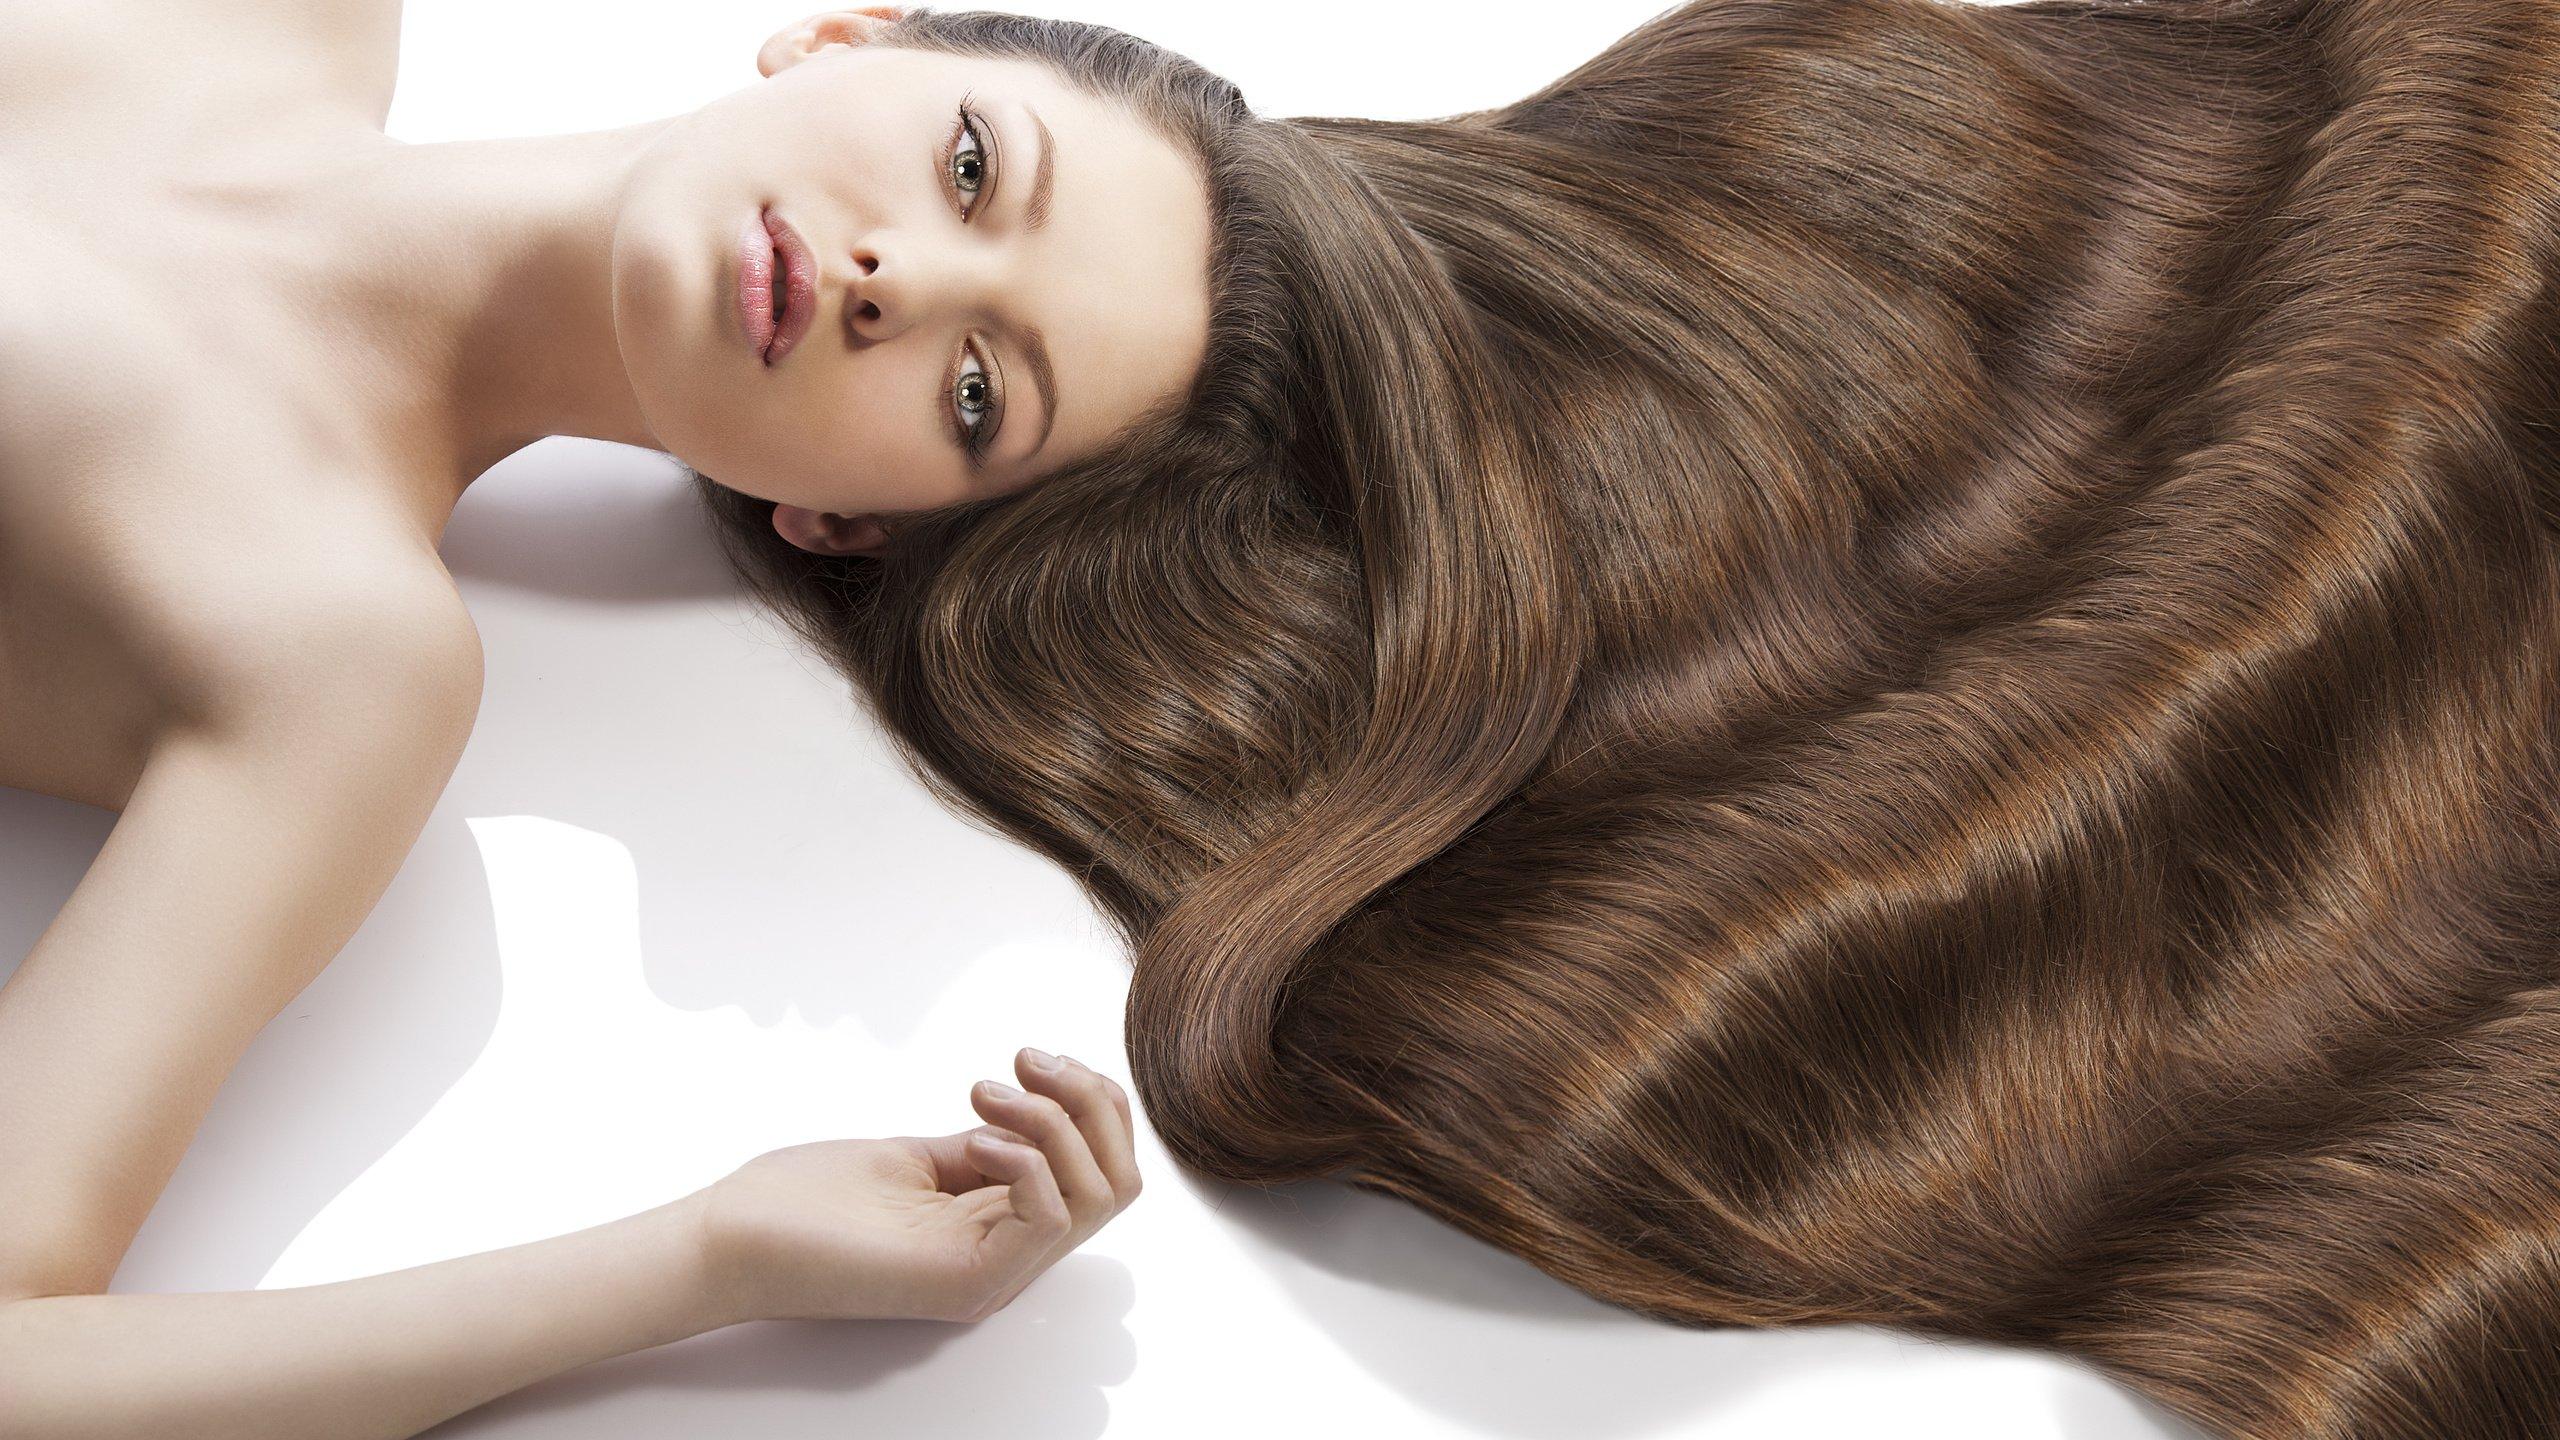 Увлажнитель воздуха для волос чем полезен